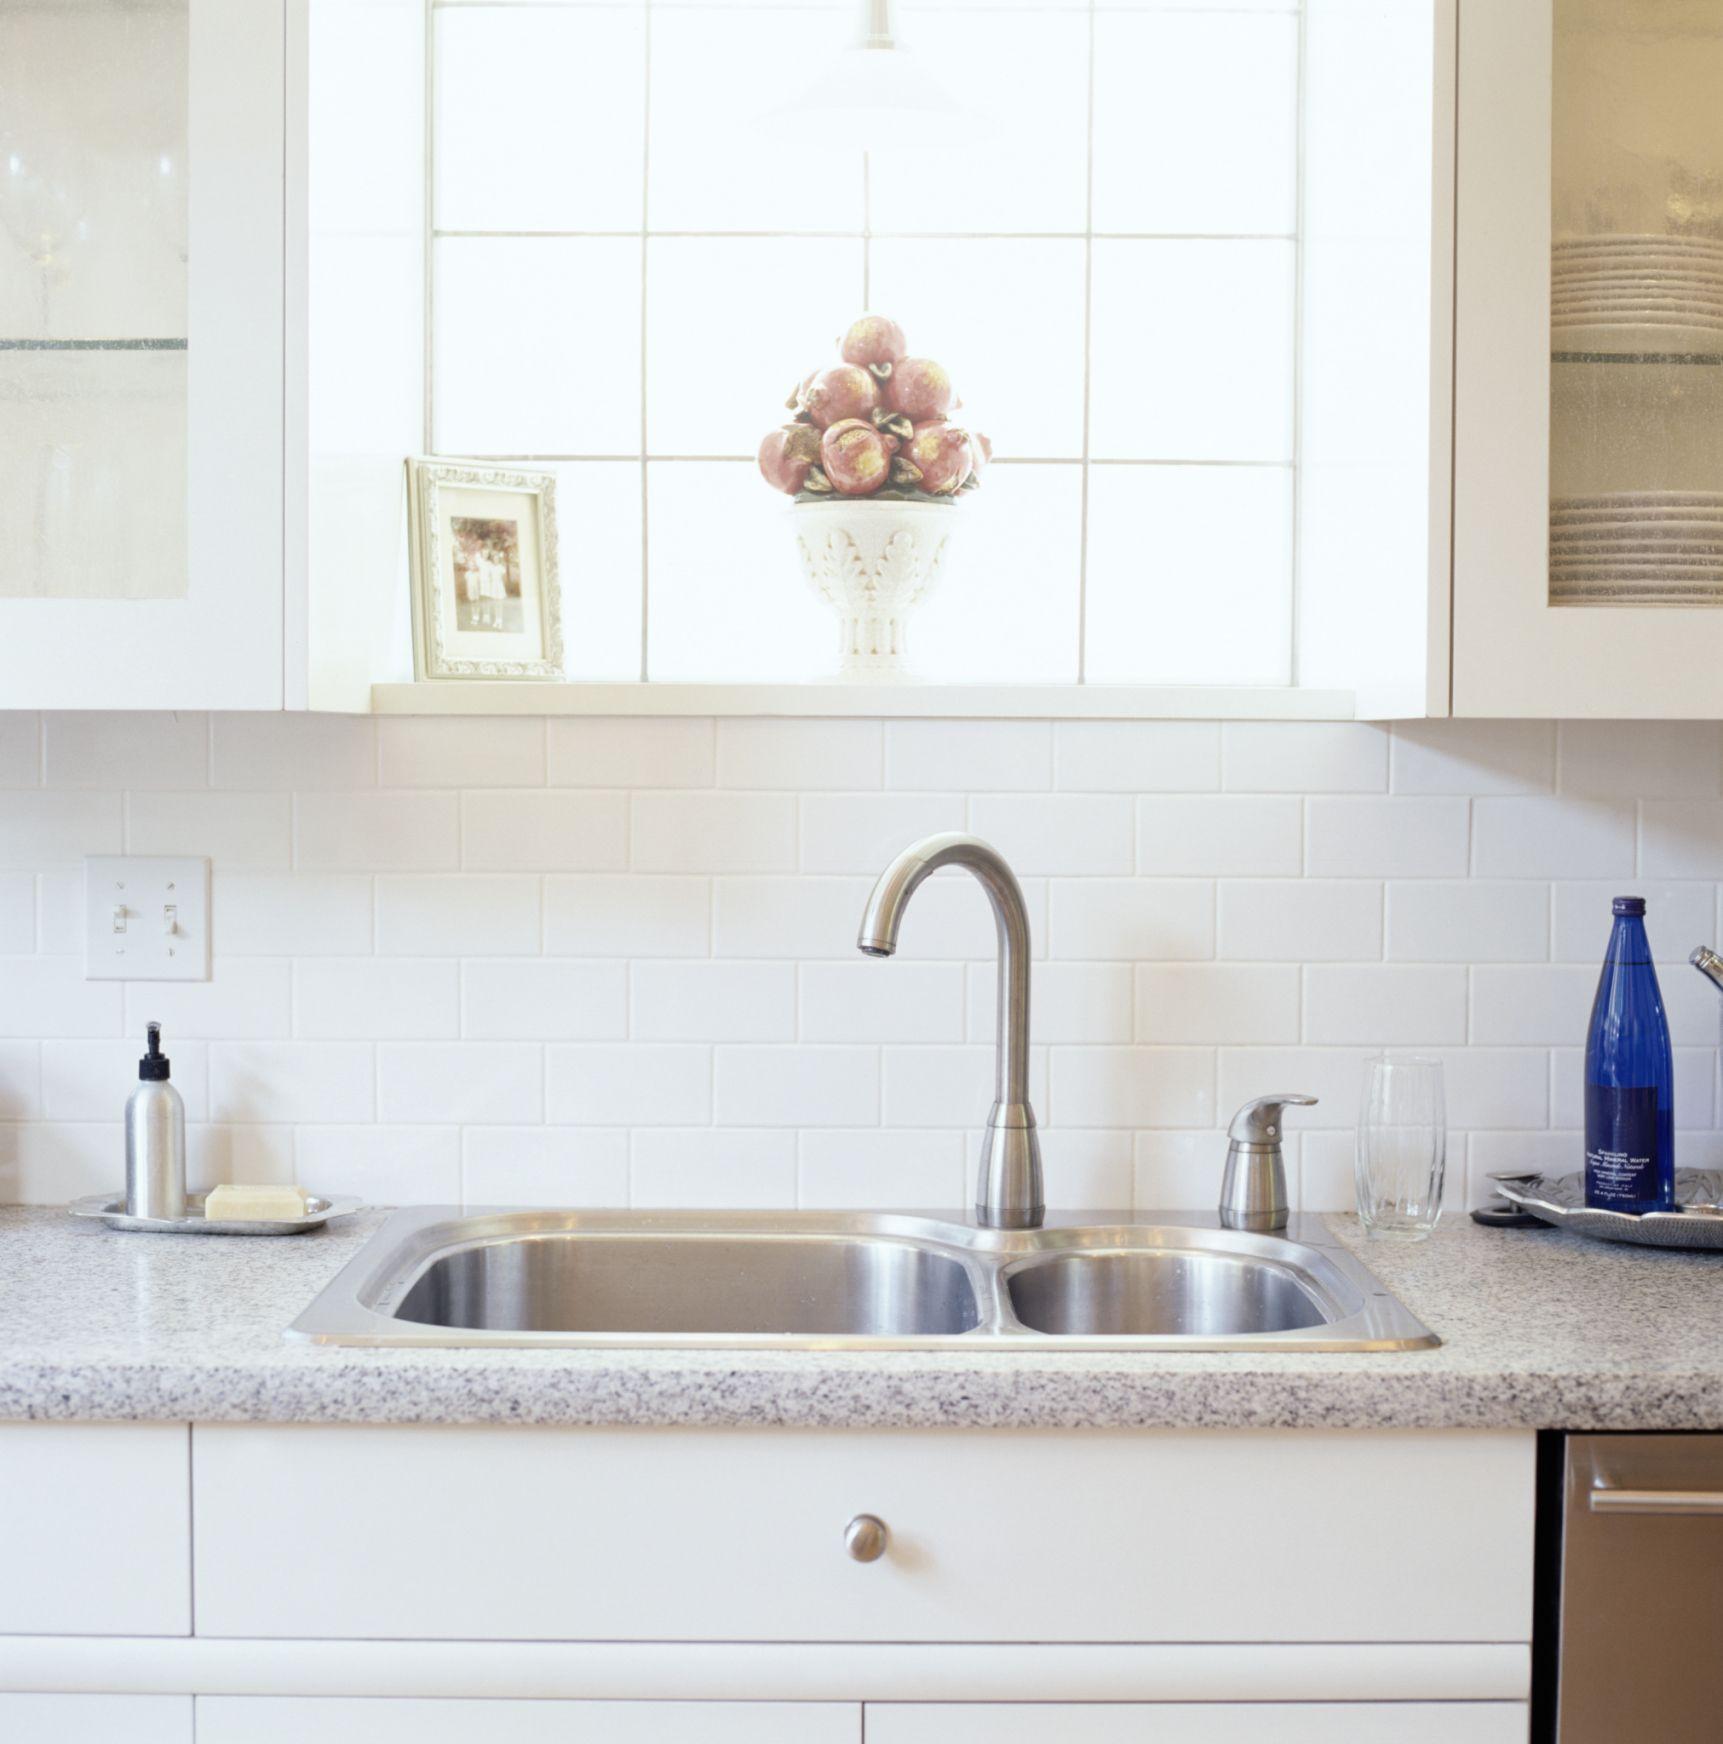 Kitchen Cleaning Tips - Clean Kitchen Sink